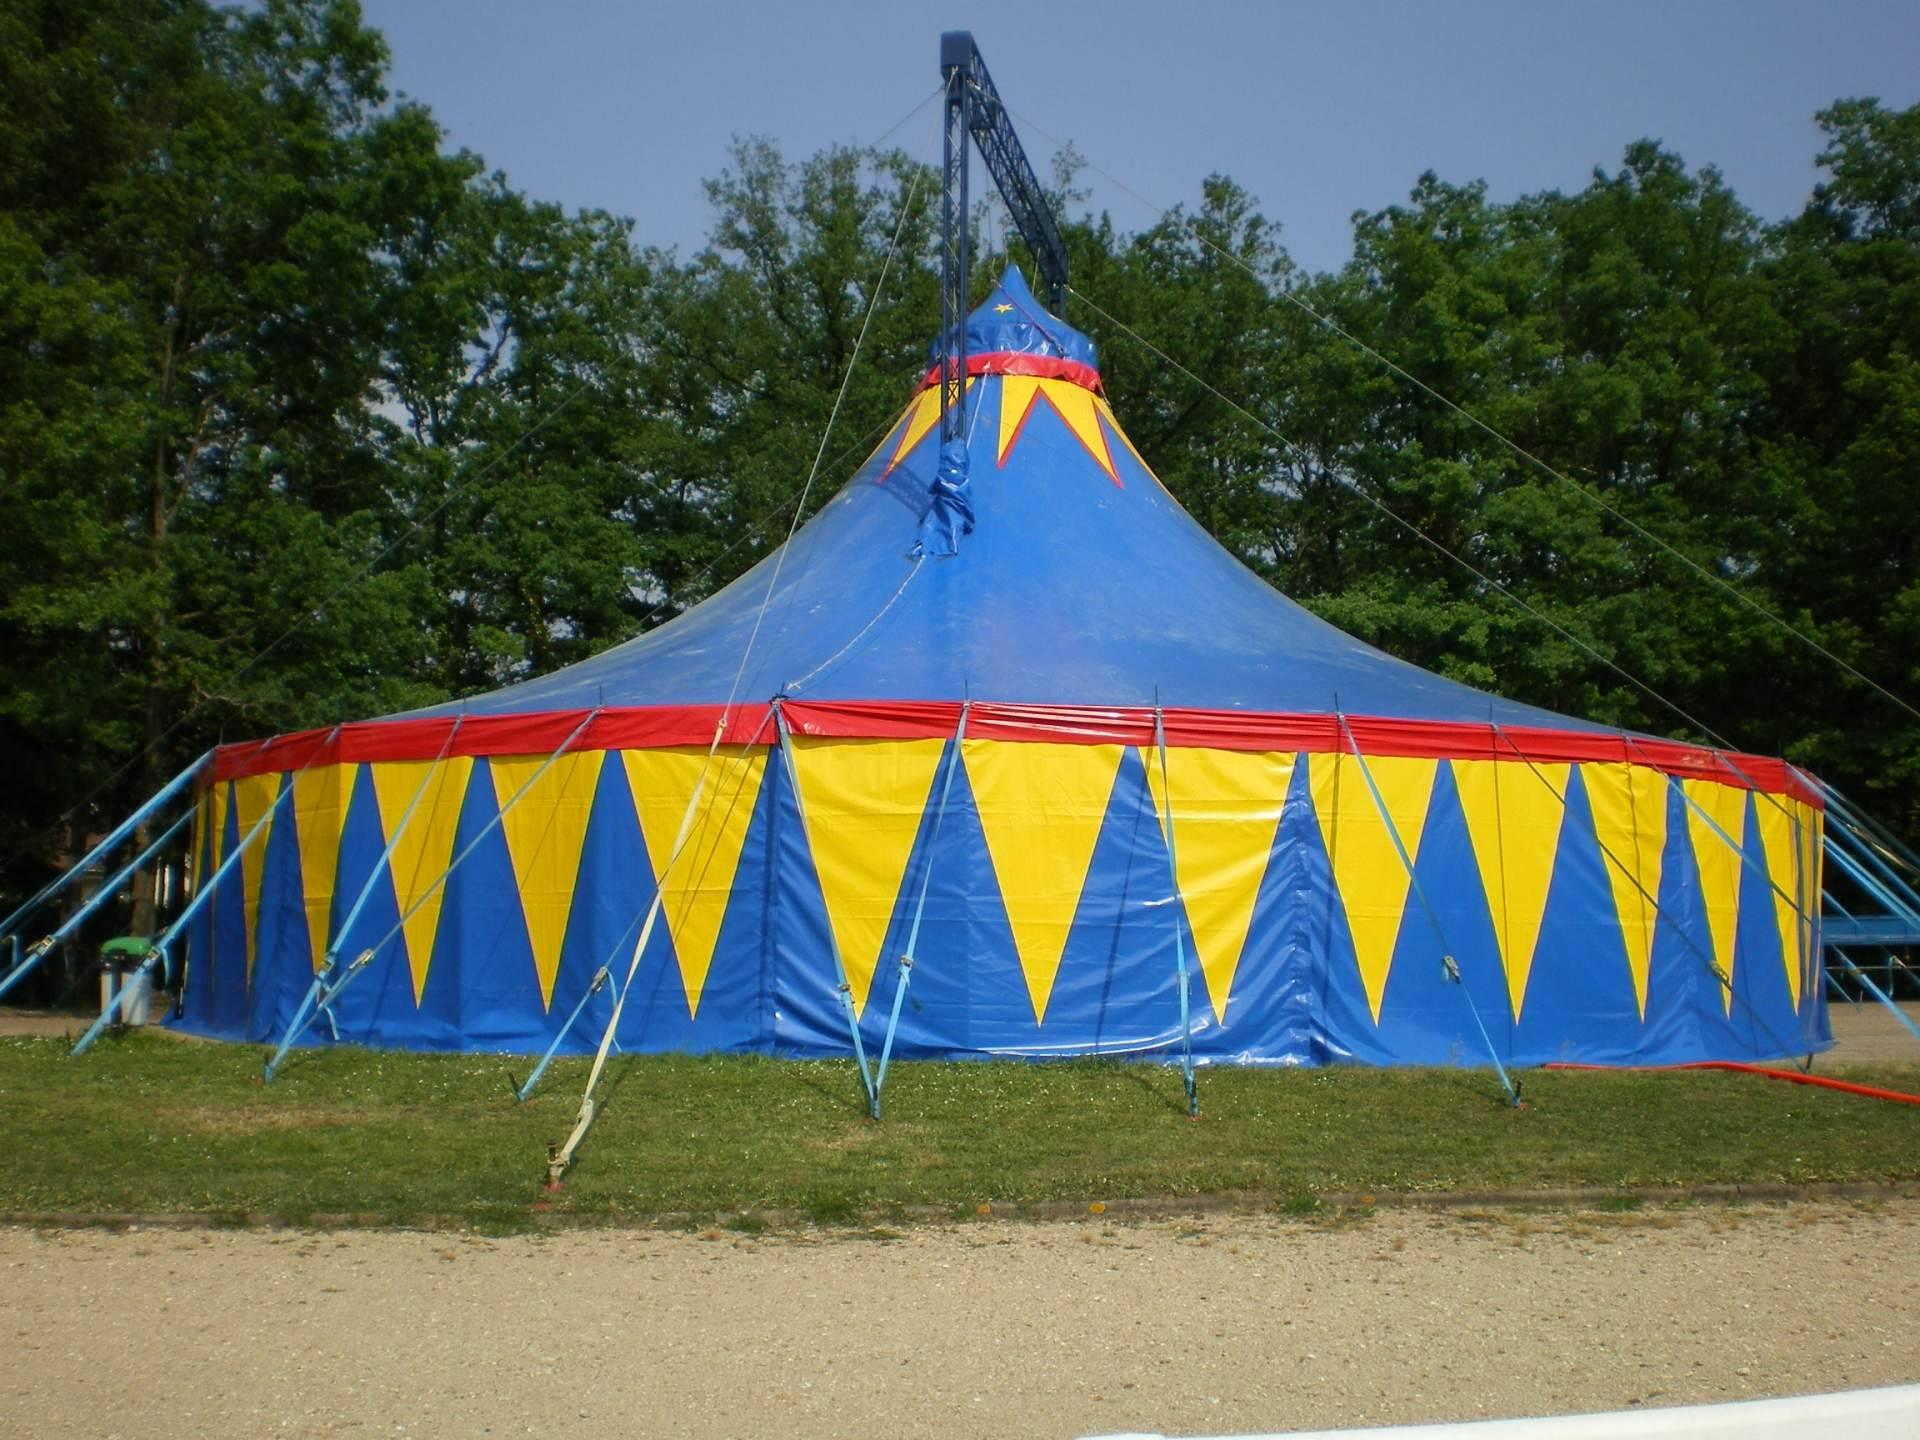 location de chapiteau de cirque rond sans corniche 20 m dammarie les lys location de. Black Bedroom Furniture Sets. Home Design Ideas